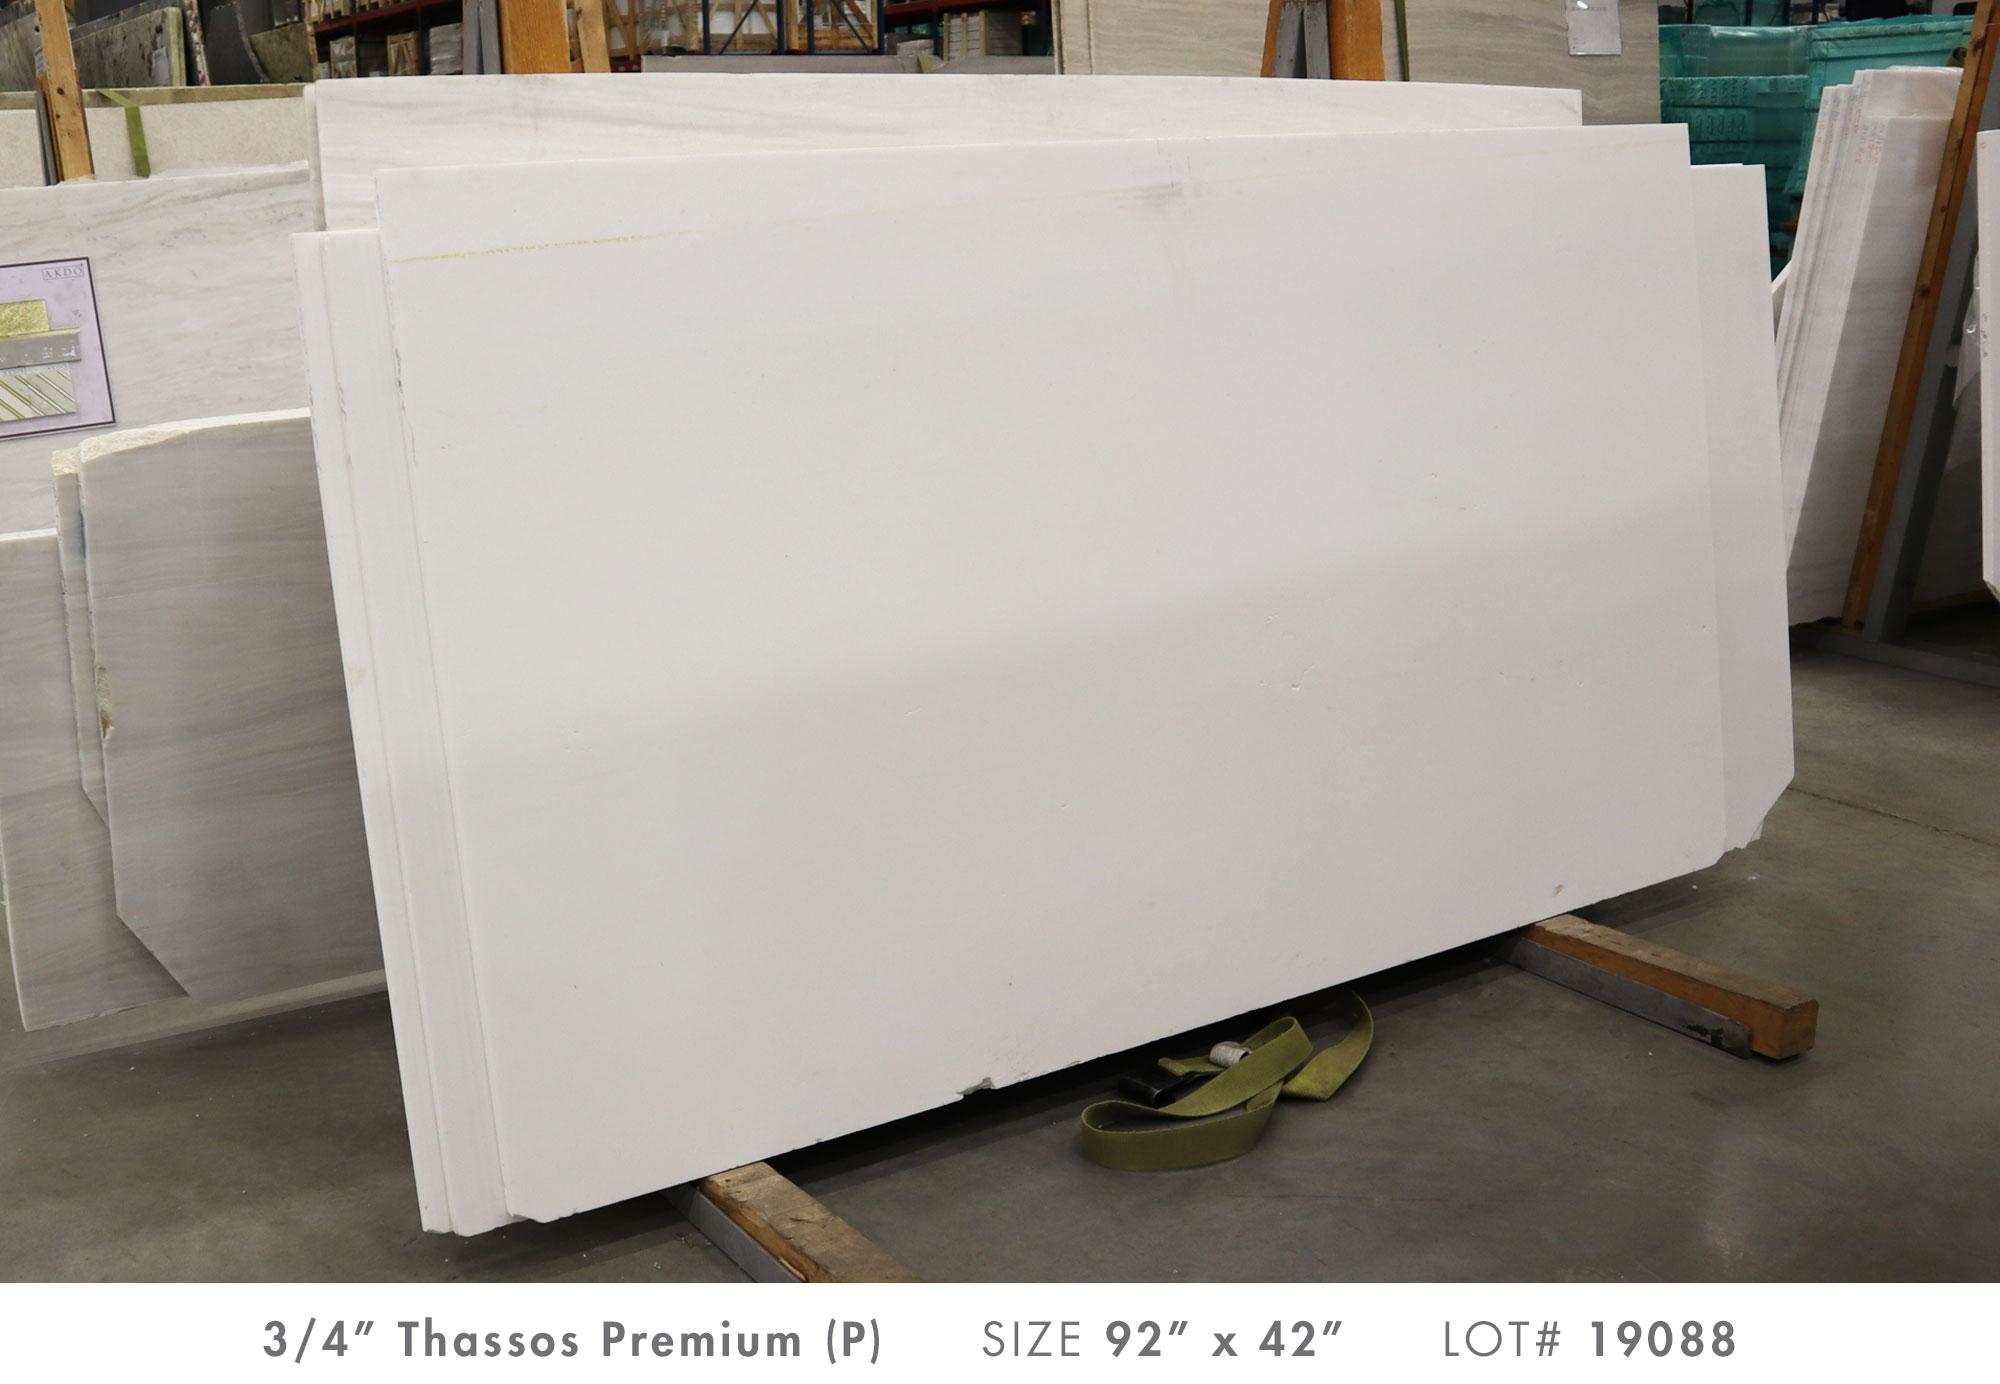 Thassos Premium (P) 3/4'' Size: 105'' x 40'' Lot: 20070